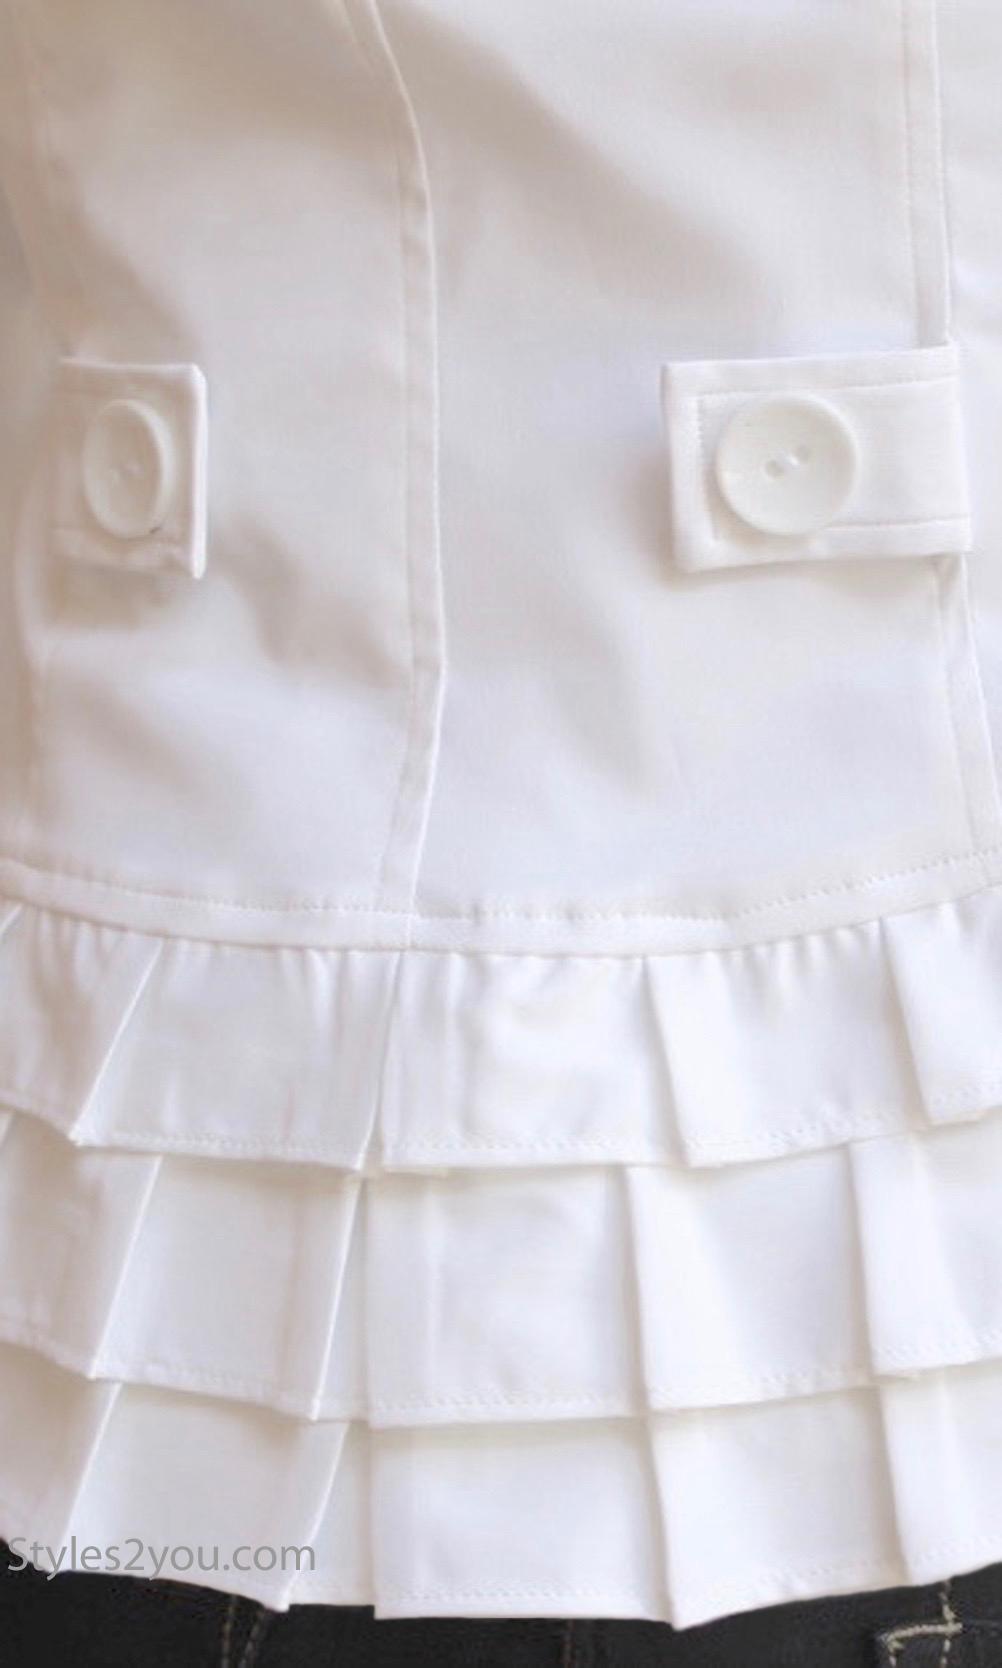 Italia Vecceli Italy Collection Jacket With Ruffles In White Vecceli